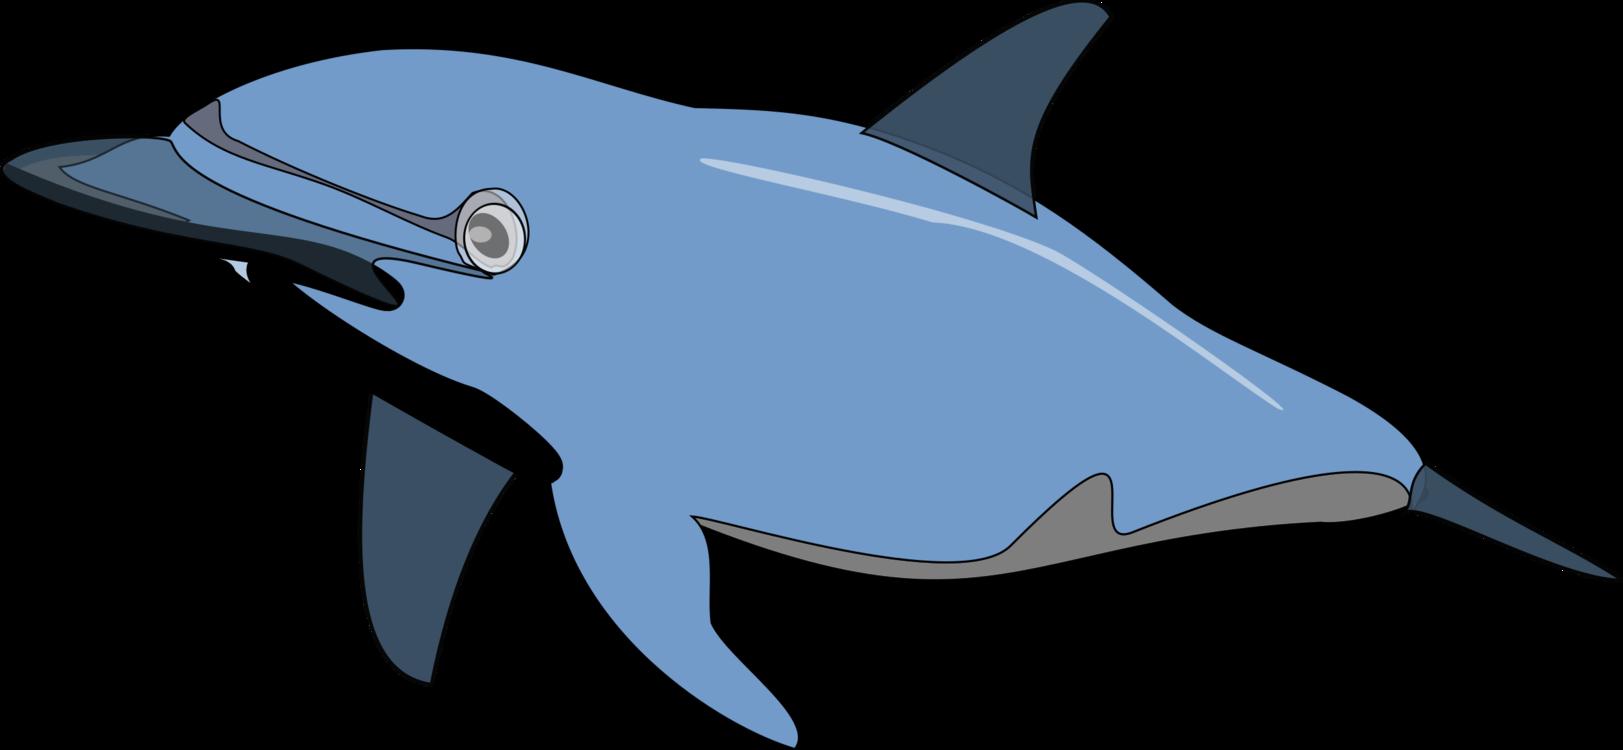 Shark,Fish,Dolphin